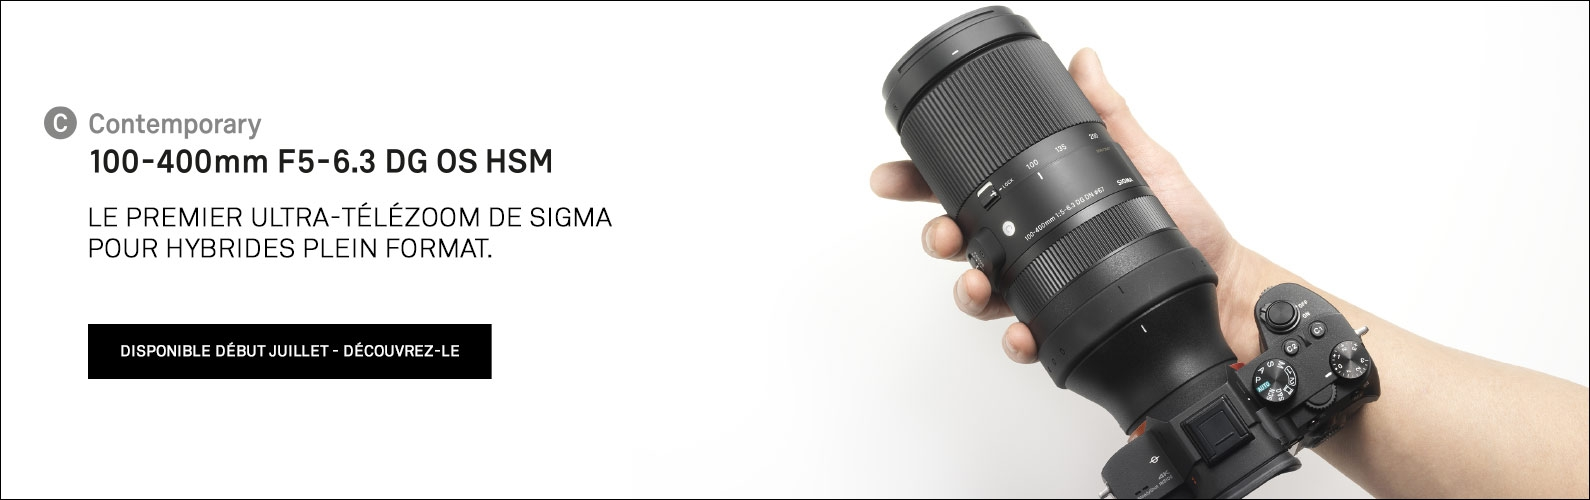 SIGMA 100-400mm F5-6.3 DG DN OS Le premier ultra-télézoom de SIGMA pour hybrides Plein Format.